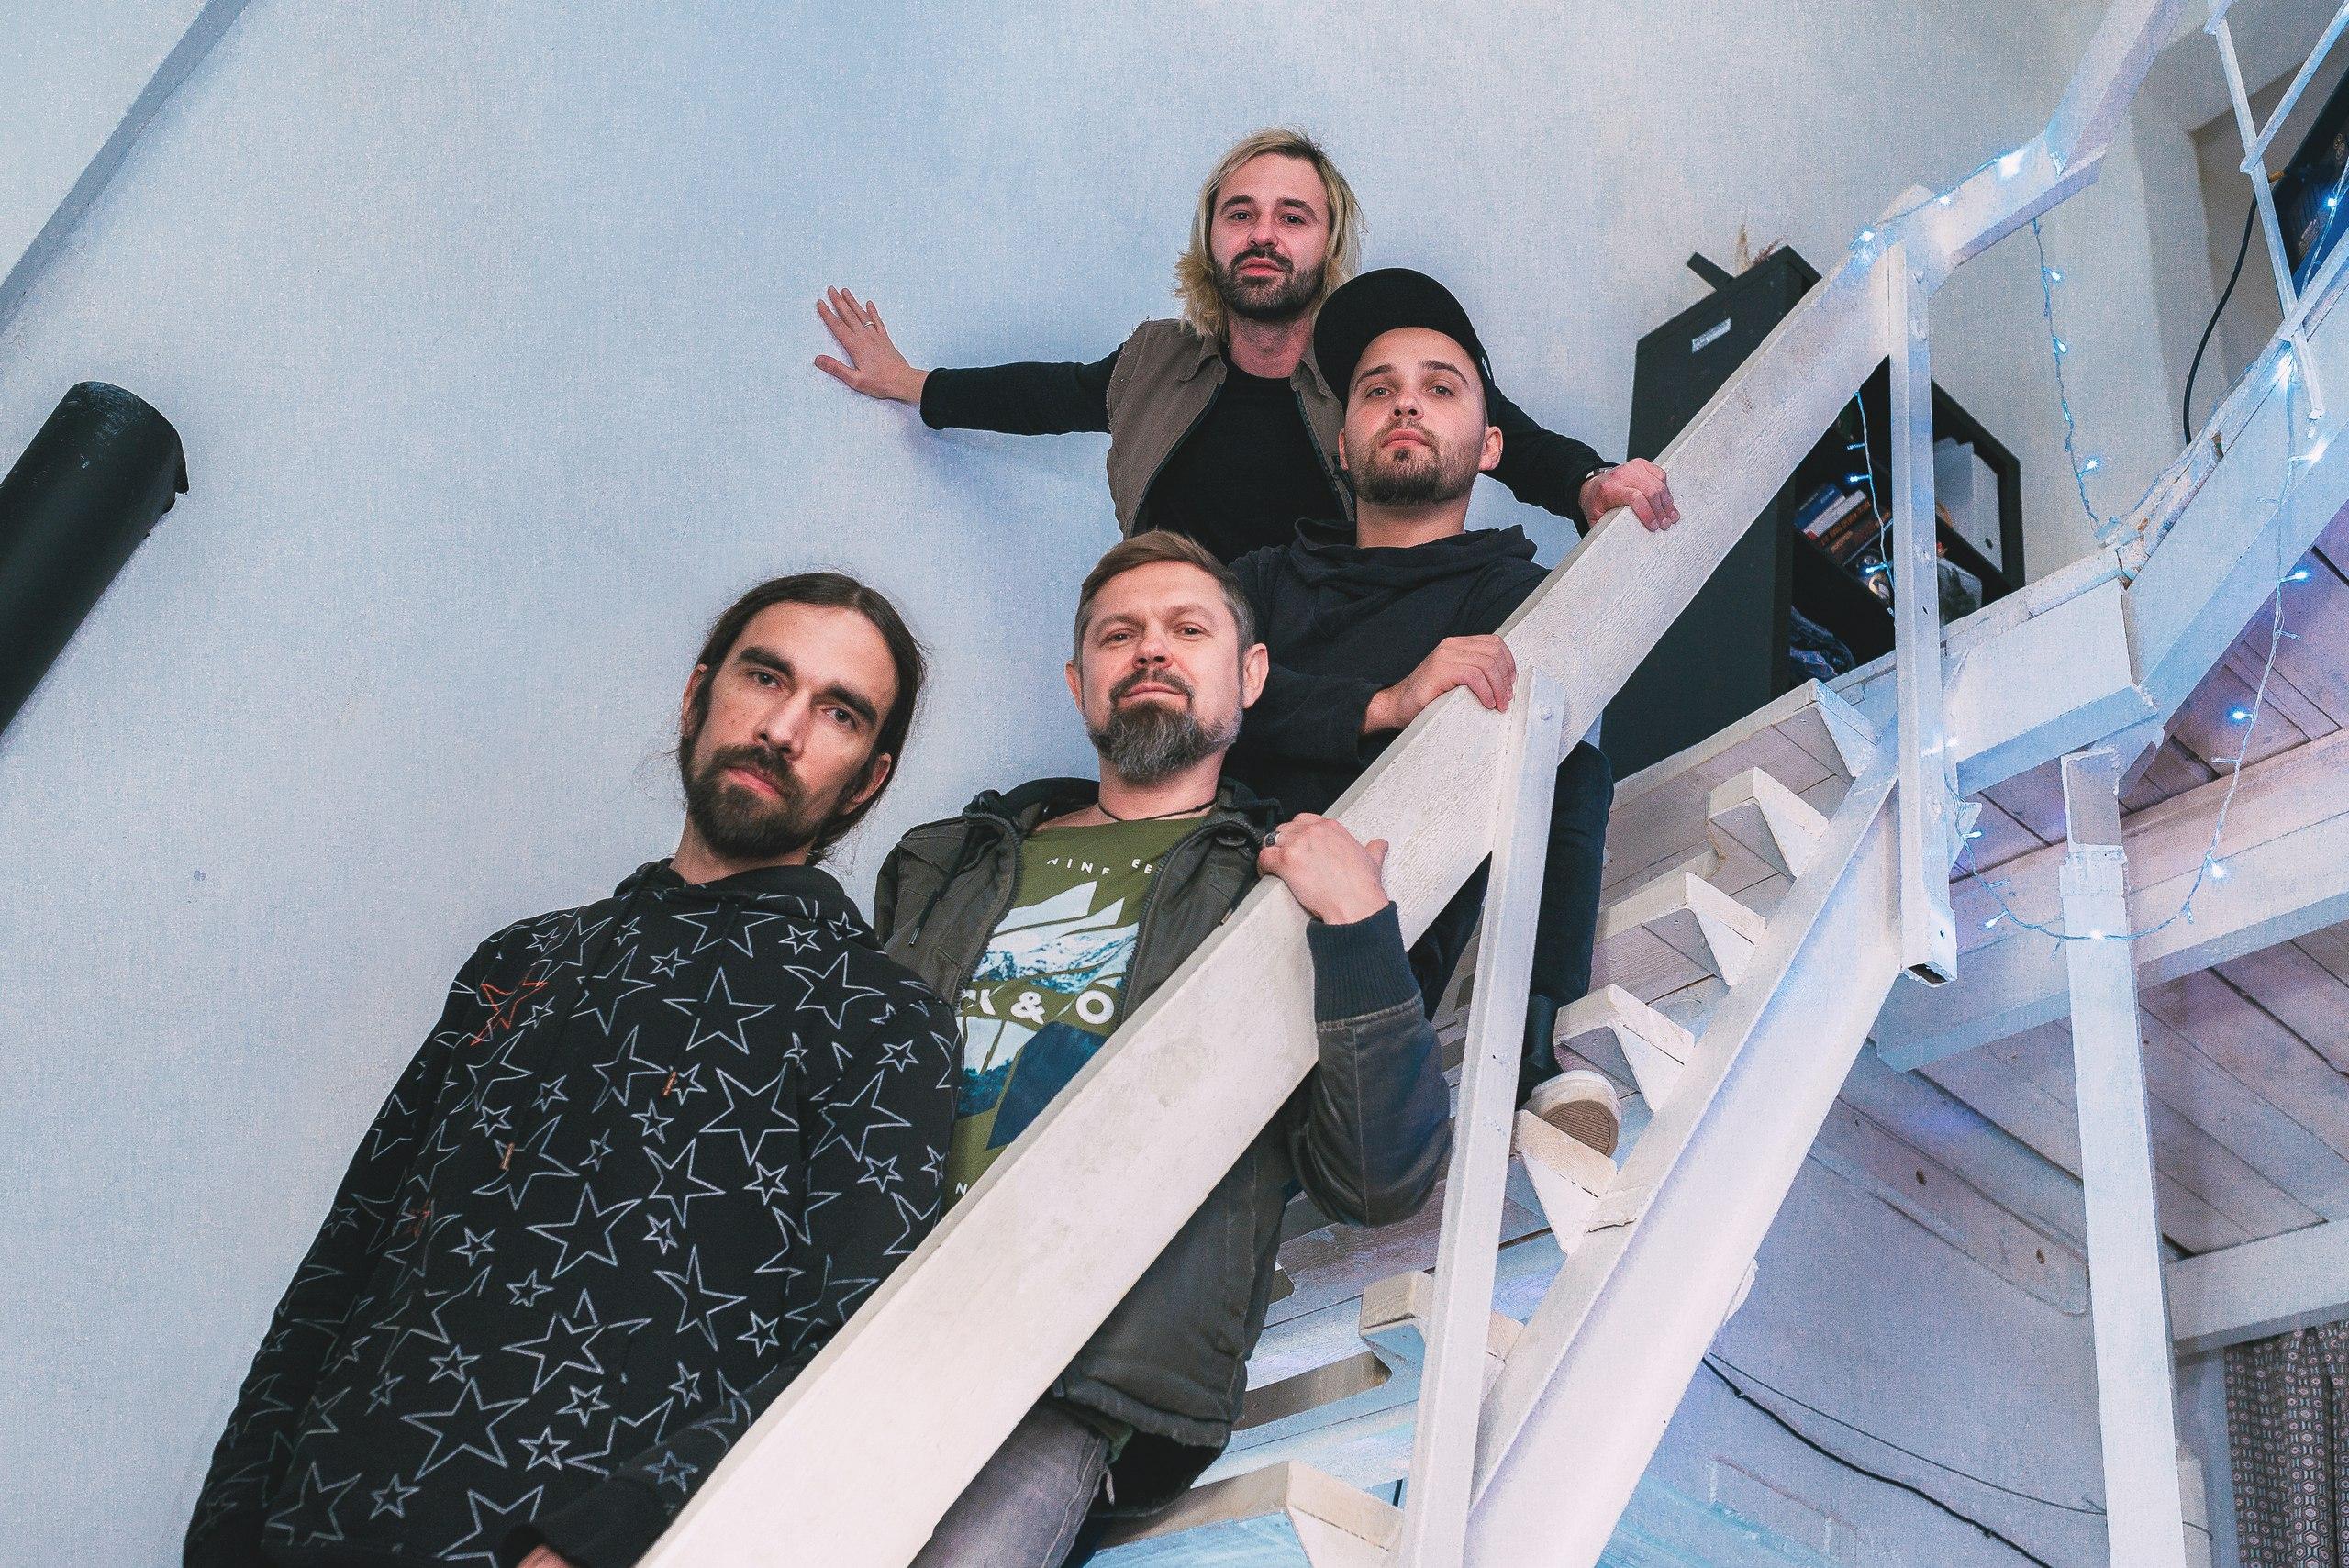 Евгений Стадниченко (7Раса) в интервью: «Мне понадобилось вернуться к своим истокам рок-барабанщика и вообразить себя Дейвом Гролом»